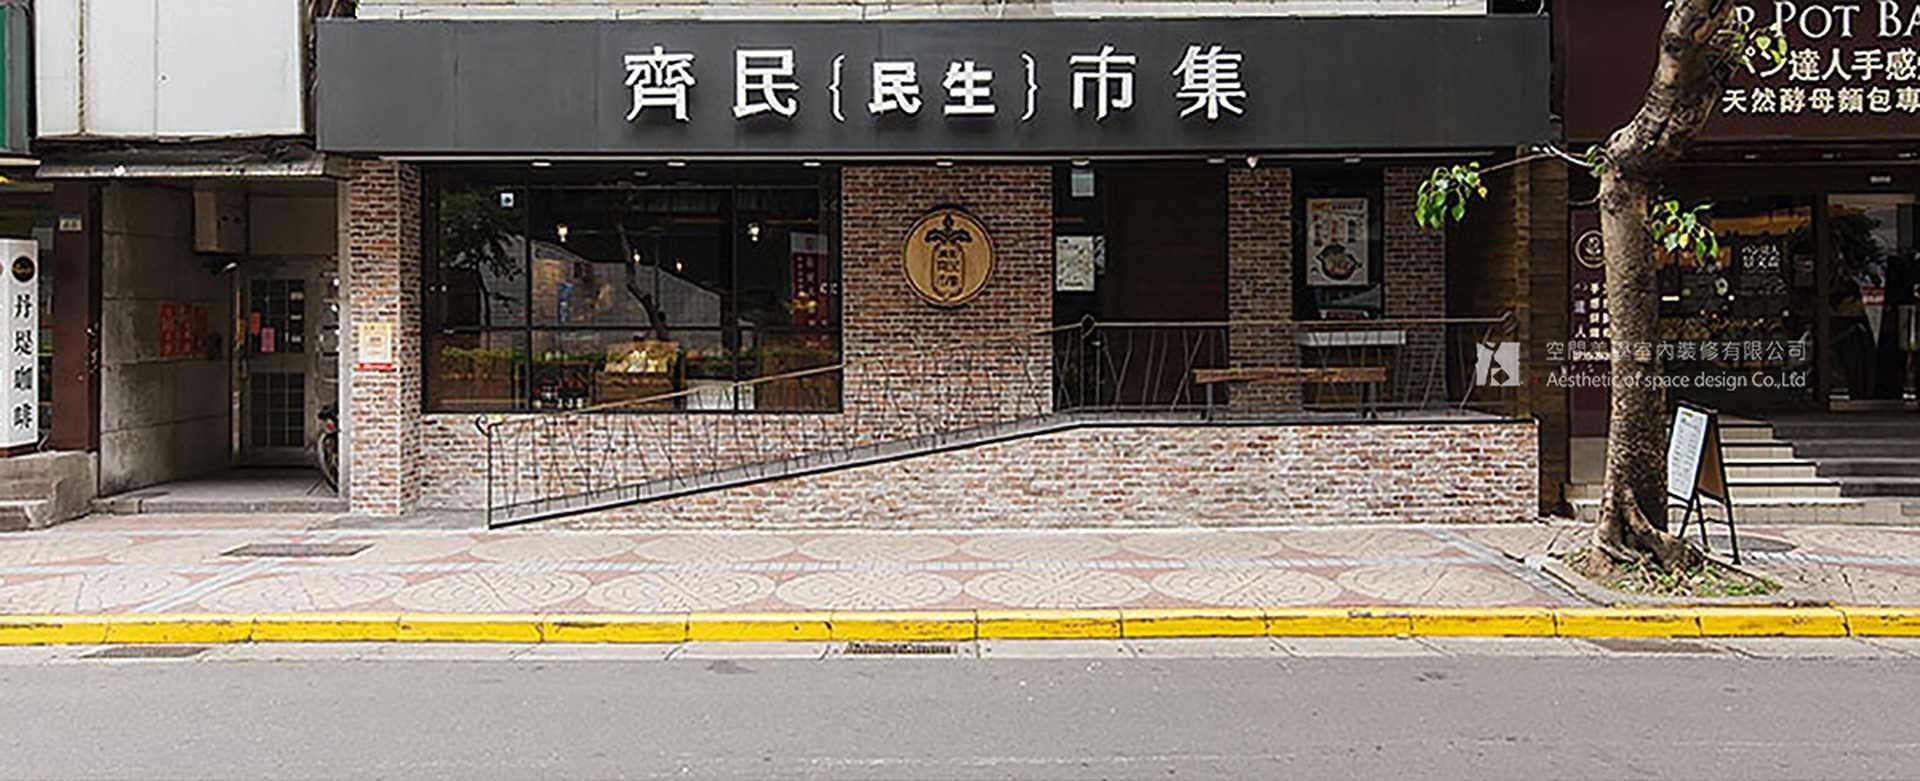 弱・設計 Weak Design|齊民市集有機火鍋店(民生)